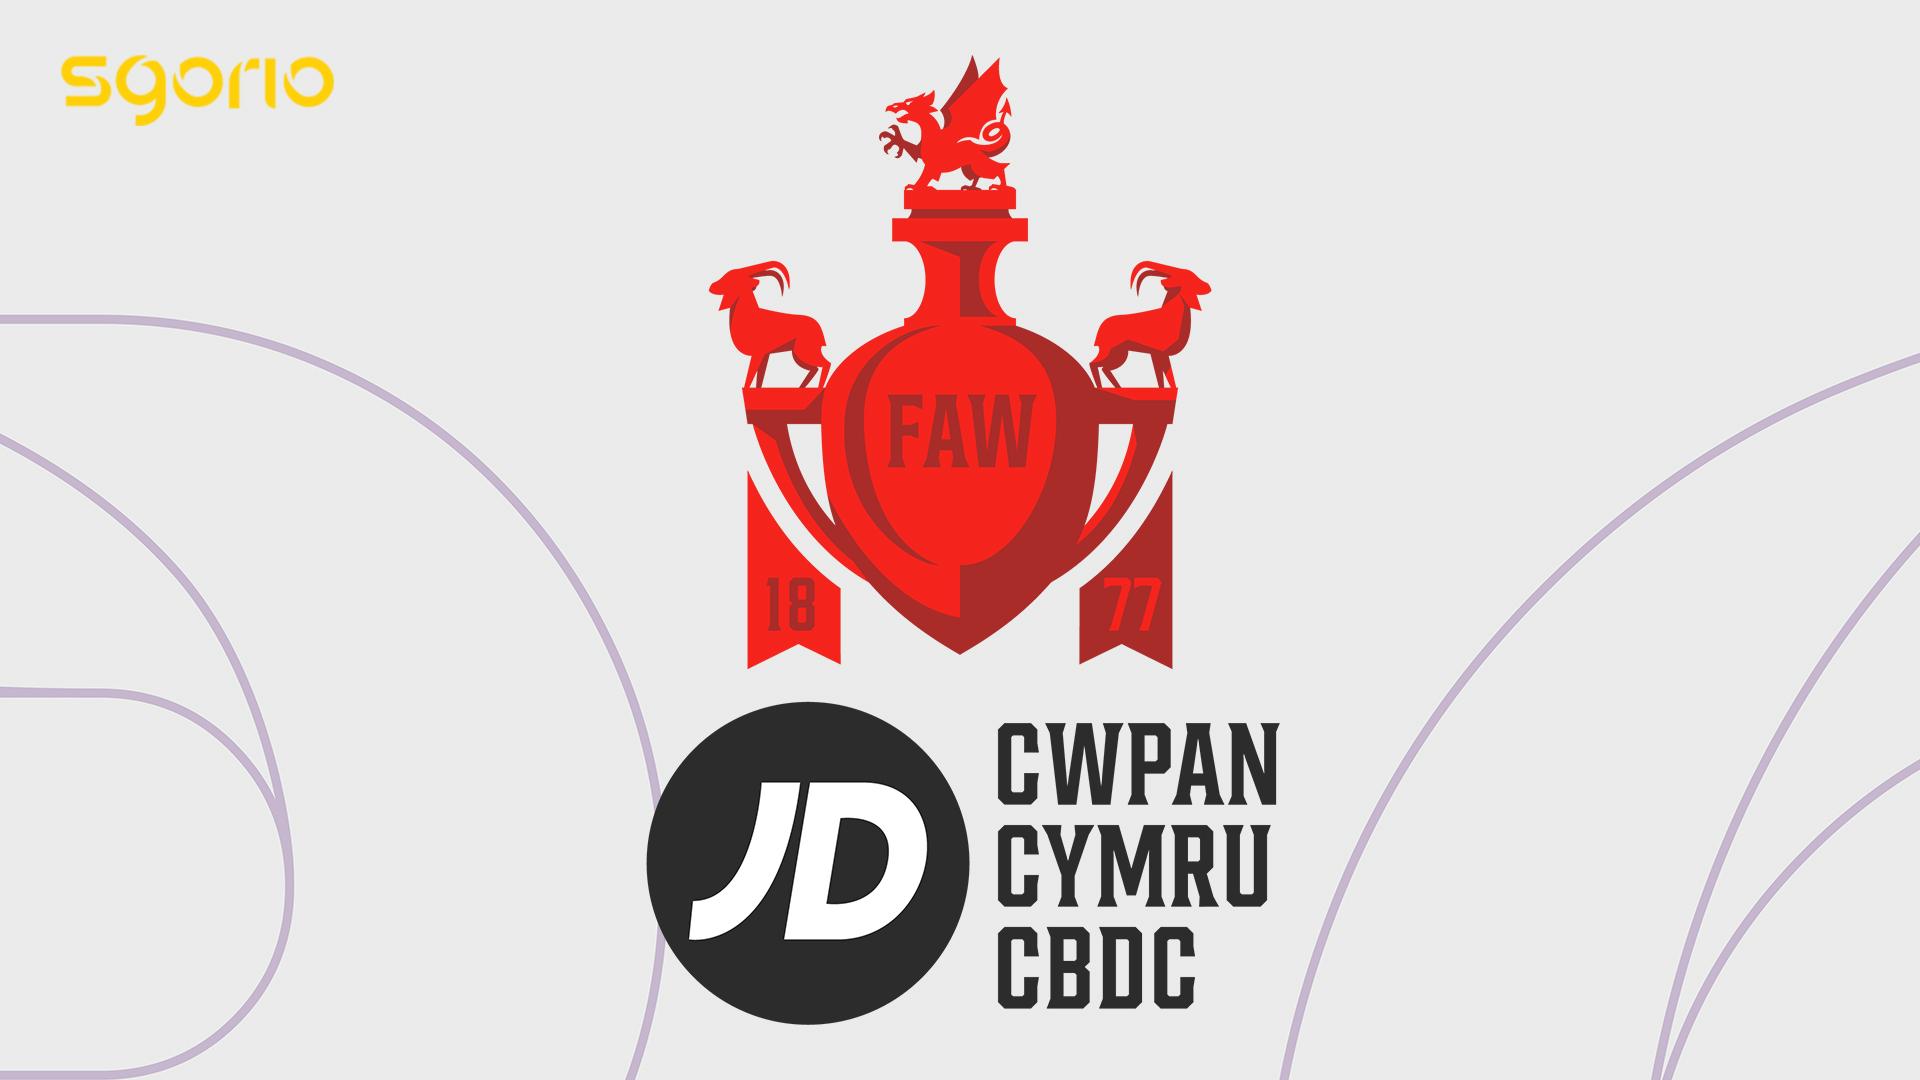 Cyhoeddi Gemau Ail Rownd Cwpan Cymru JD